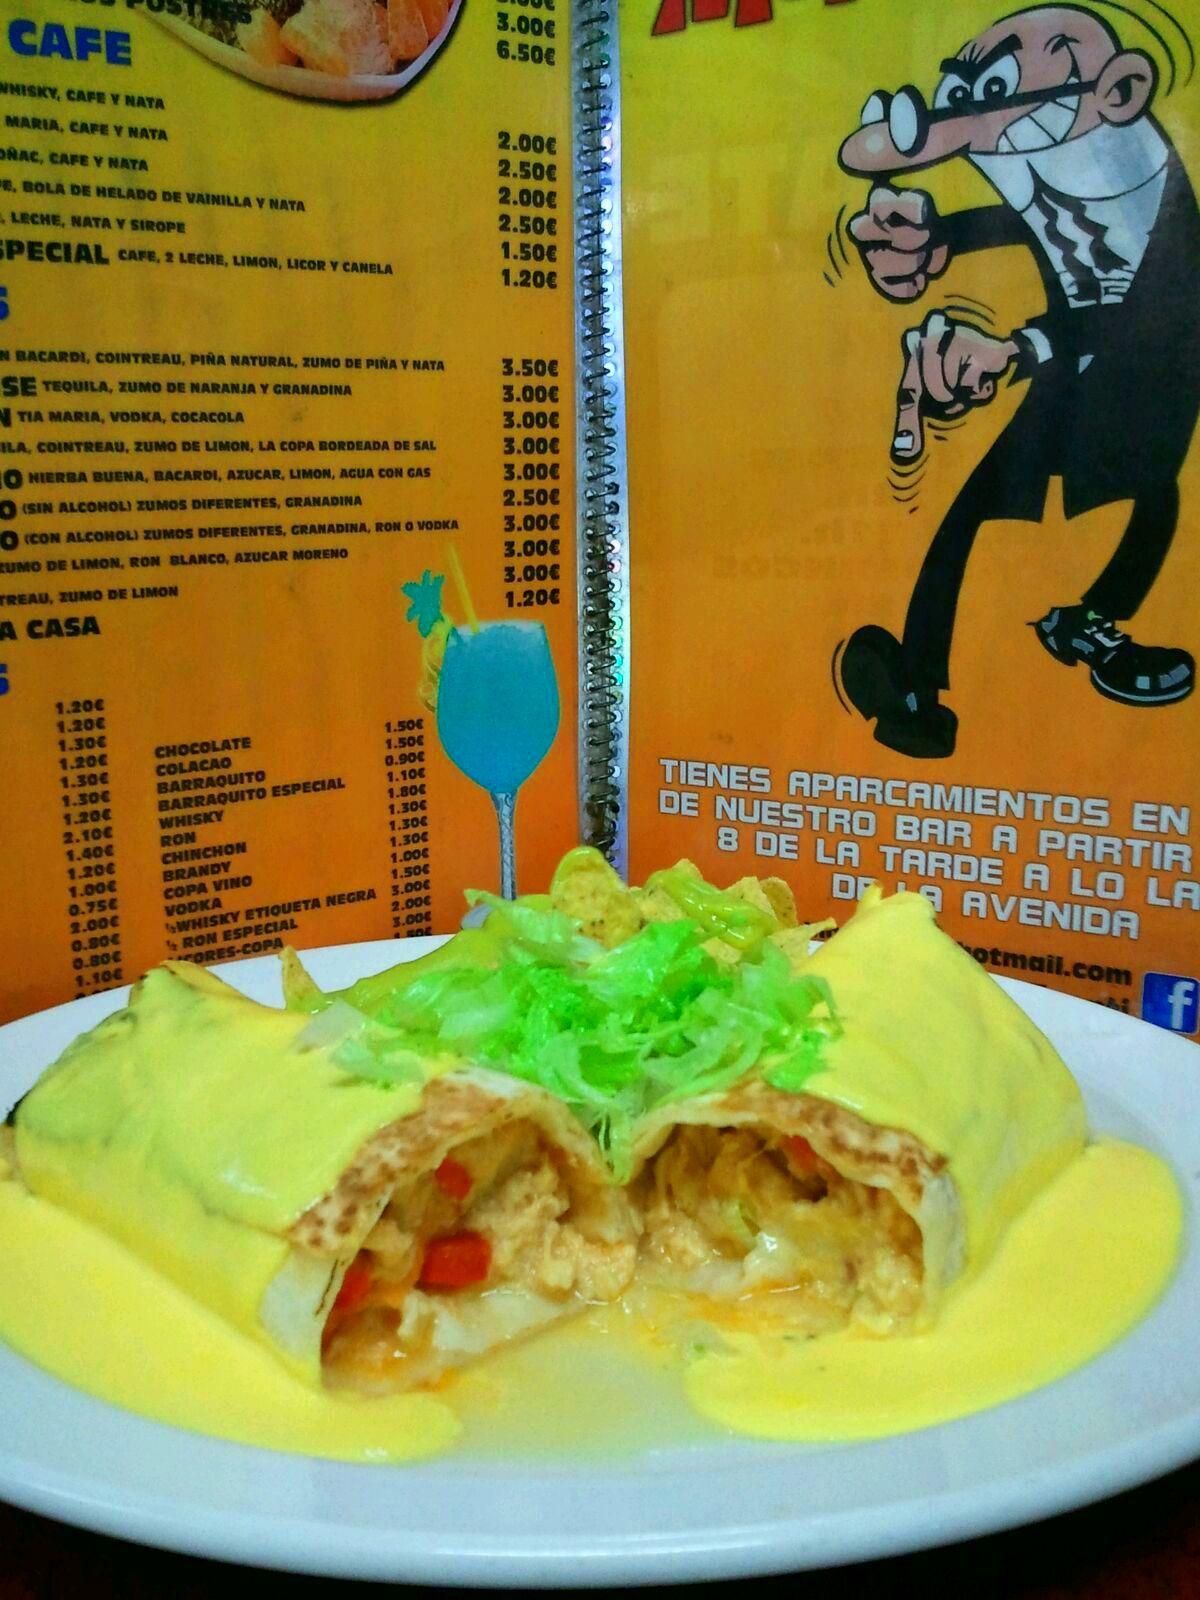 Burrito de pollo mechado con salsa de queso.